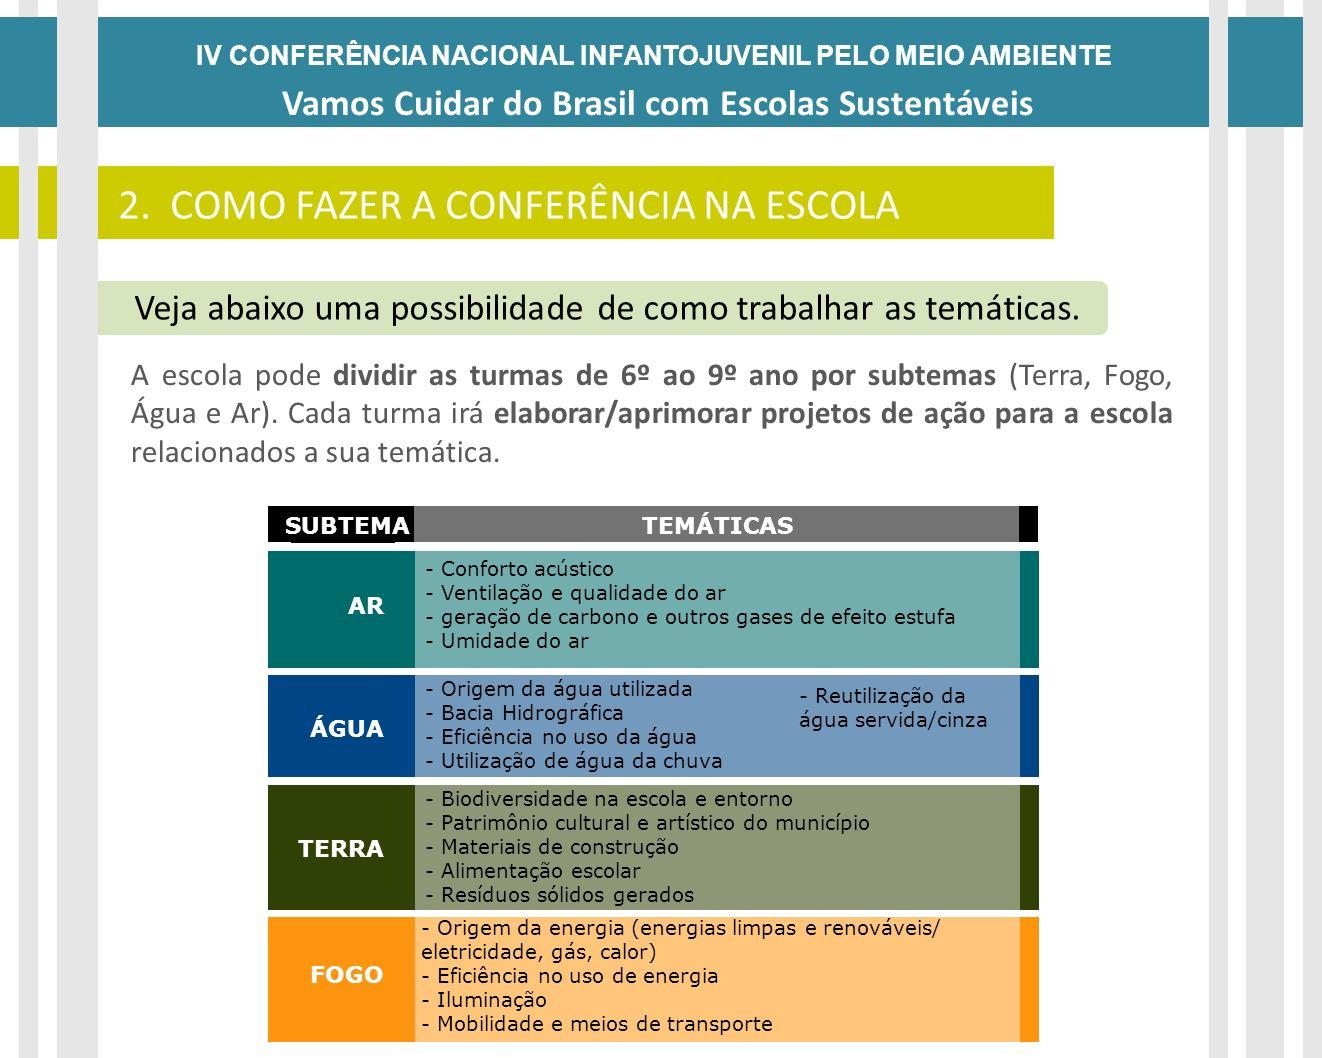 IV CONFERÊNCIA NACIONAL INFANTOJUVENIL PELO MEIO AMBIENTE Vamos Cuidar do Brasil com Escolas Sustentáveis 2. COMO FAZER A CONFERÊNCIA NA ESCOLA Veja a